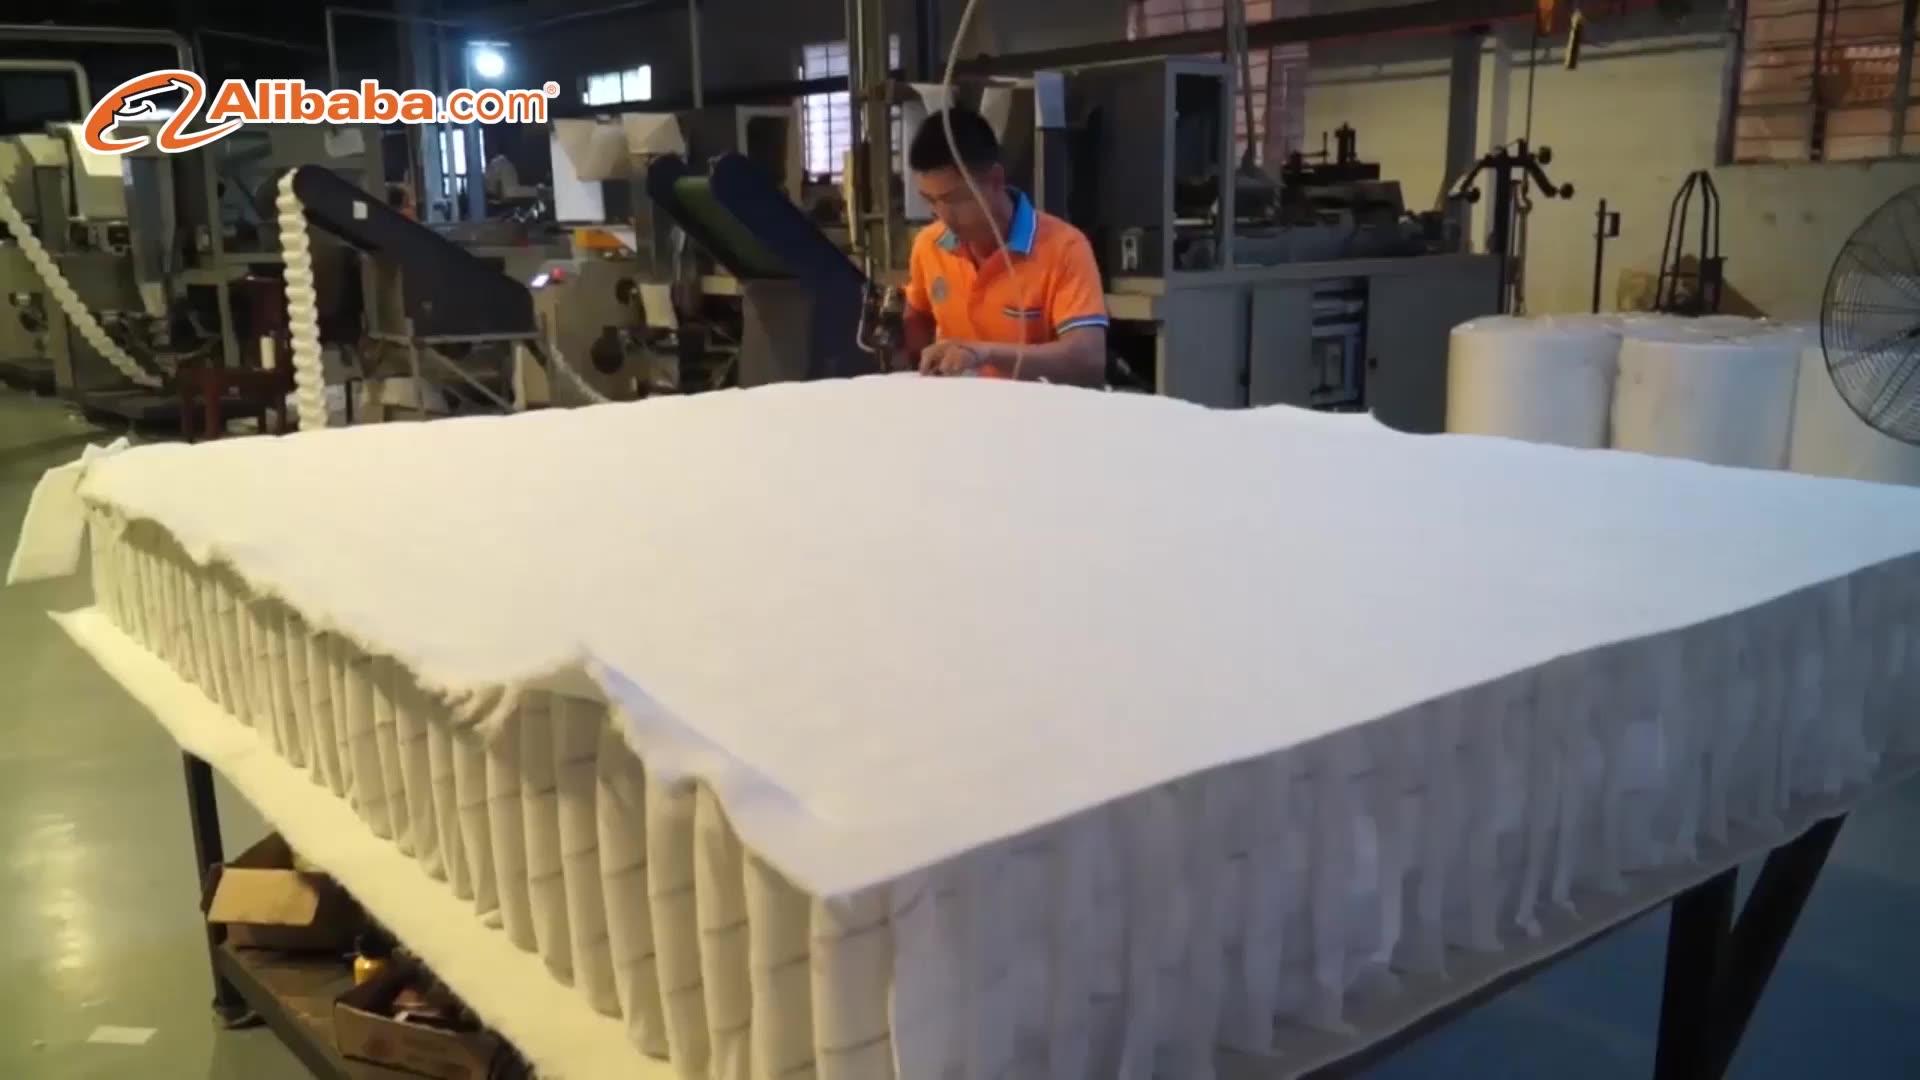 Foshan mengruo поставка с фабрики высокоэластичный Мягкий пены памяти рулон упакованный сжатый матрас